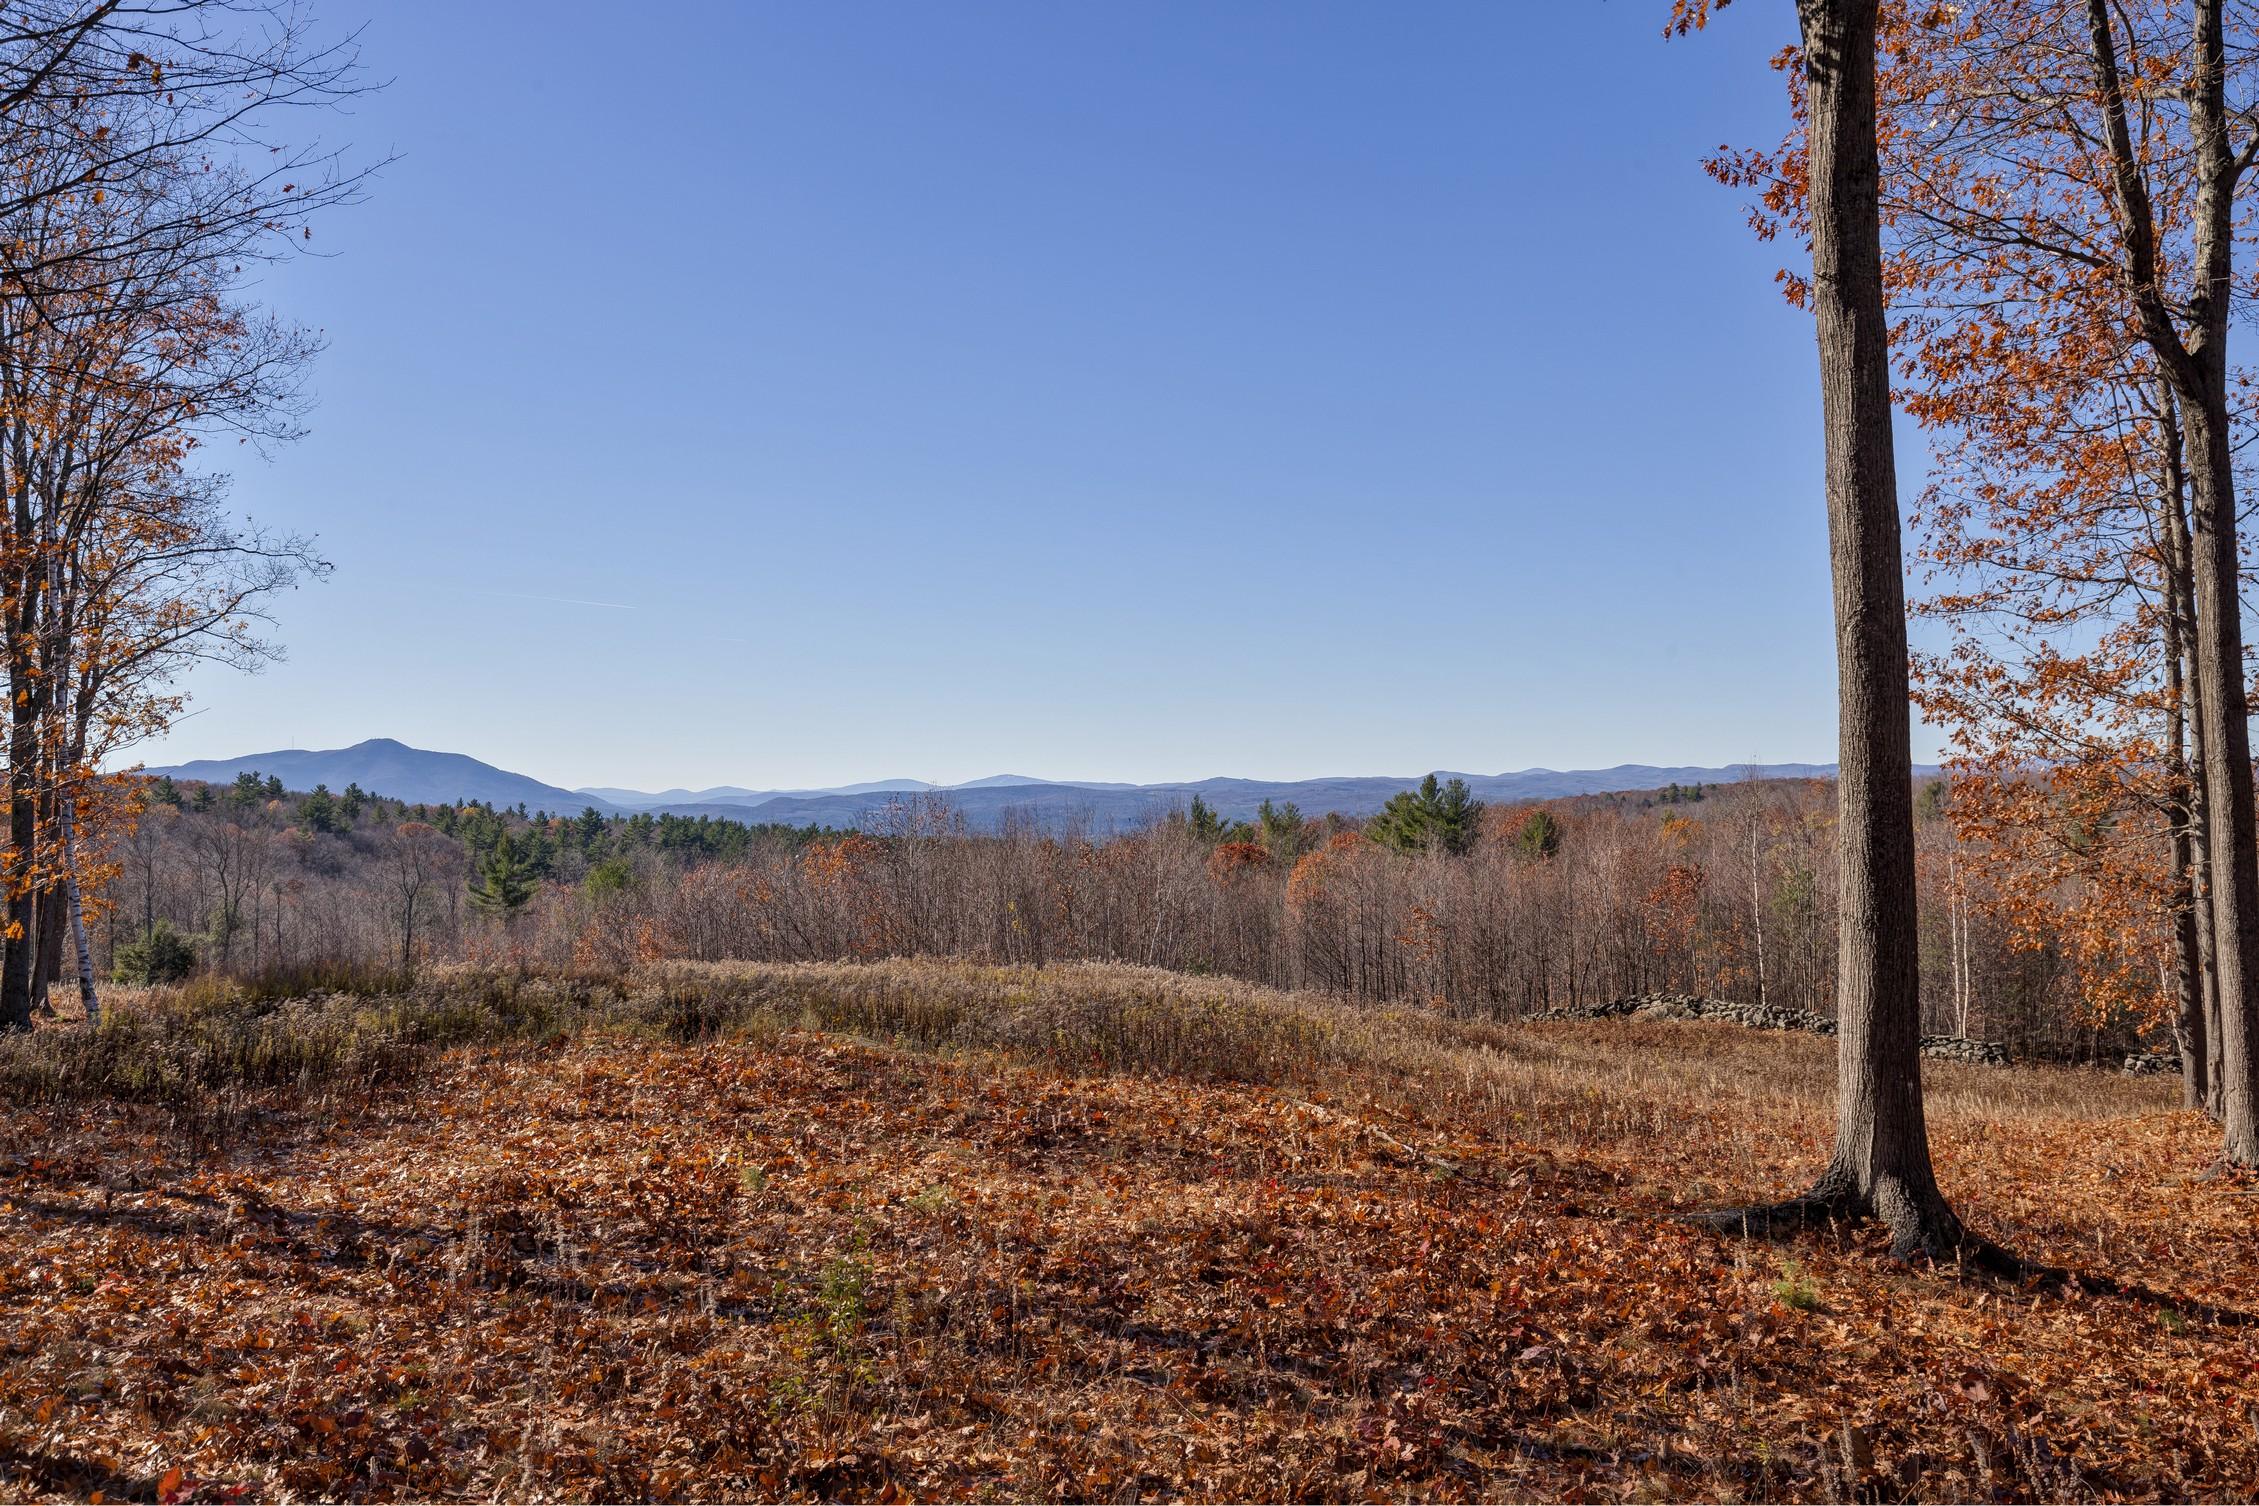 Land for Sale at 210 Columbus Jordan Road, Plainfield 210 Columbus Jordan Rd Plainfield, New Hampshire, 03781 United States